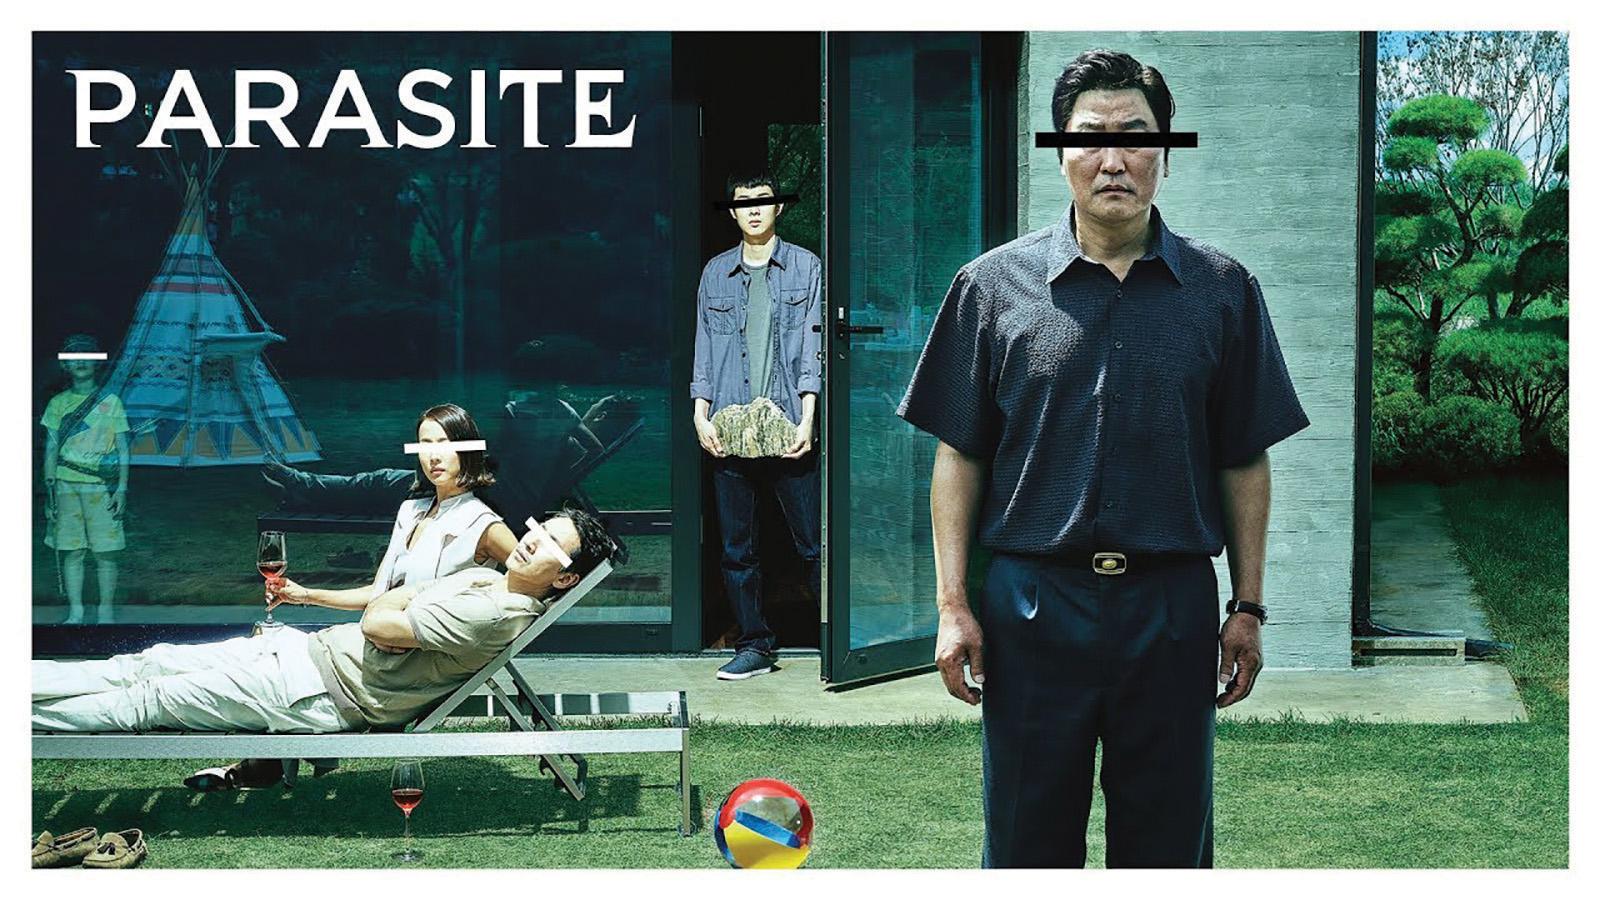 تصویر از PARASITE پدیده ای که 4 اسکار گرفت و تاریخ ساز شد